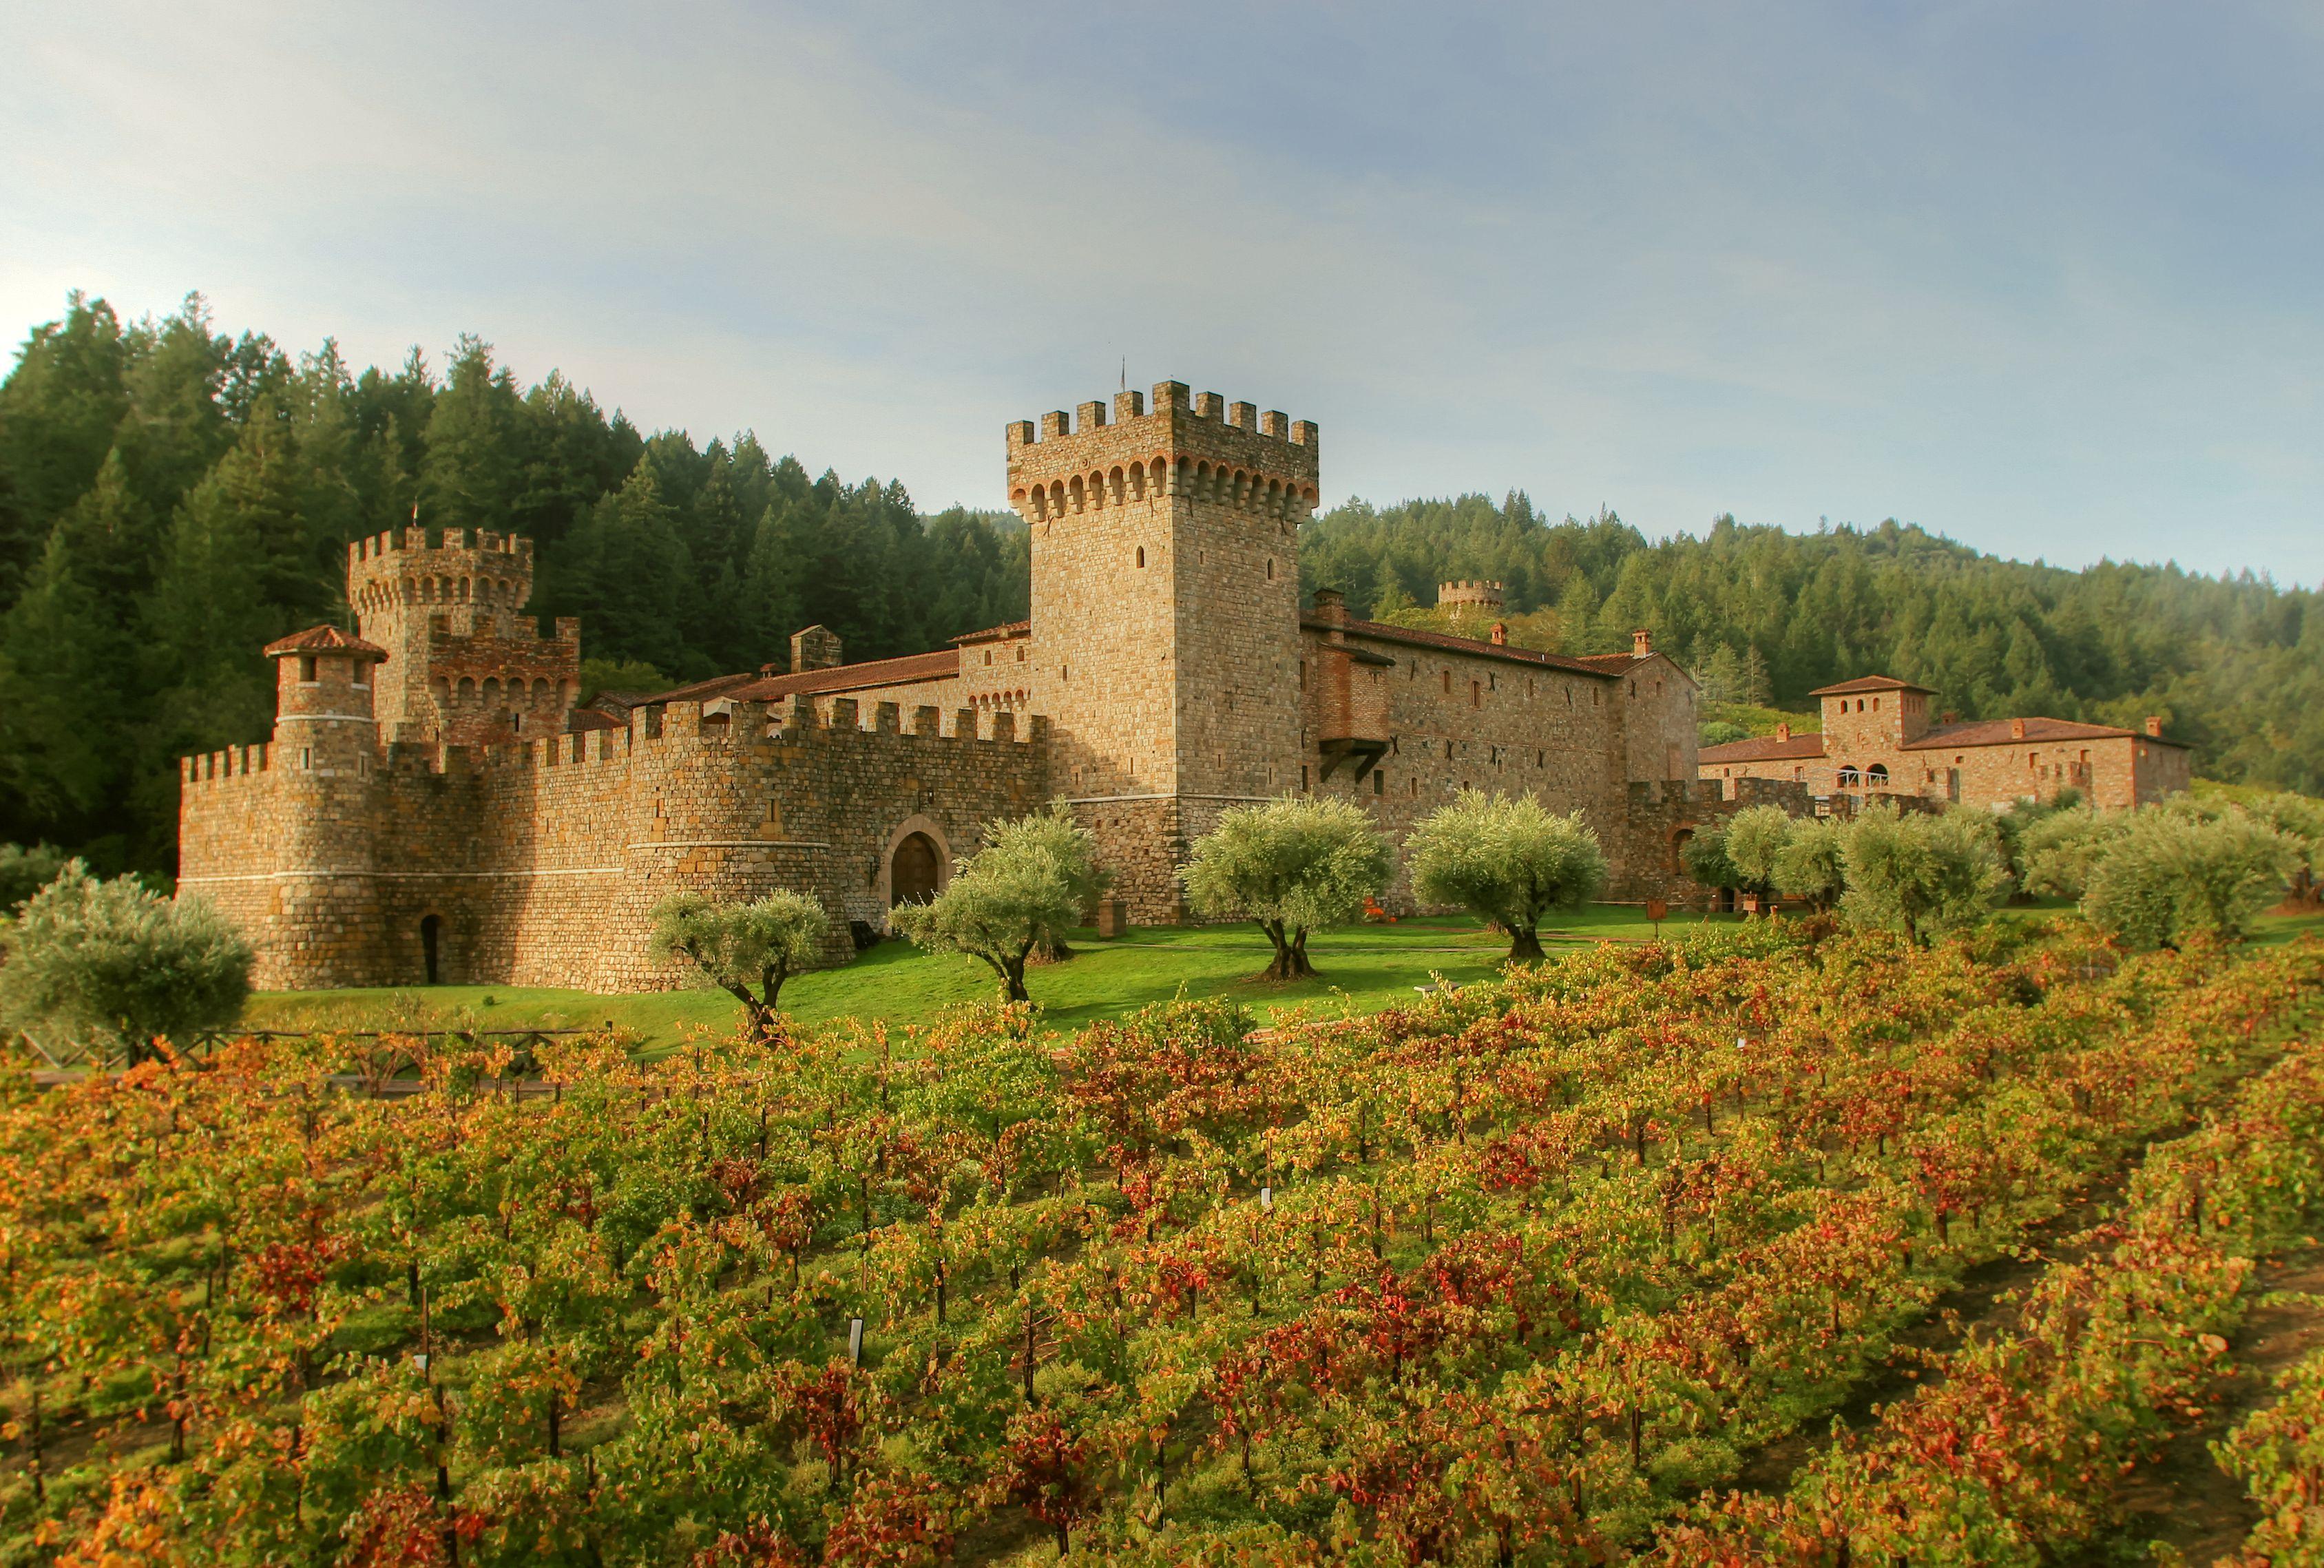 Castello di Amorosa in the fall